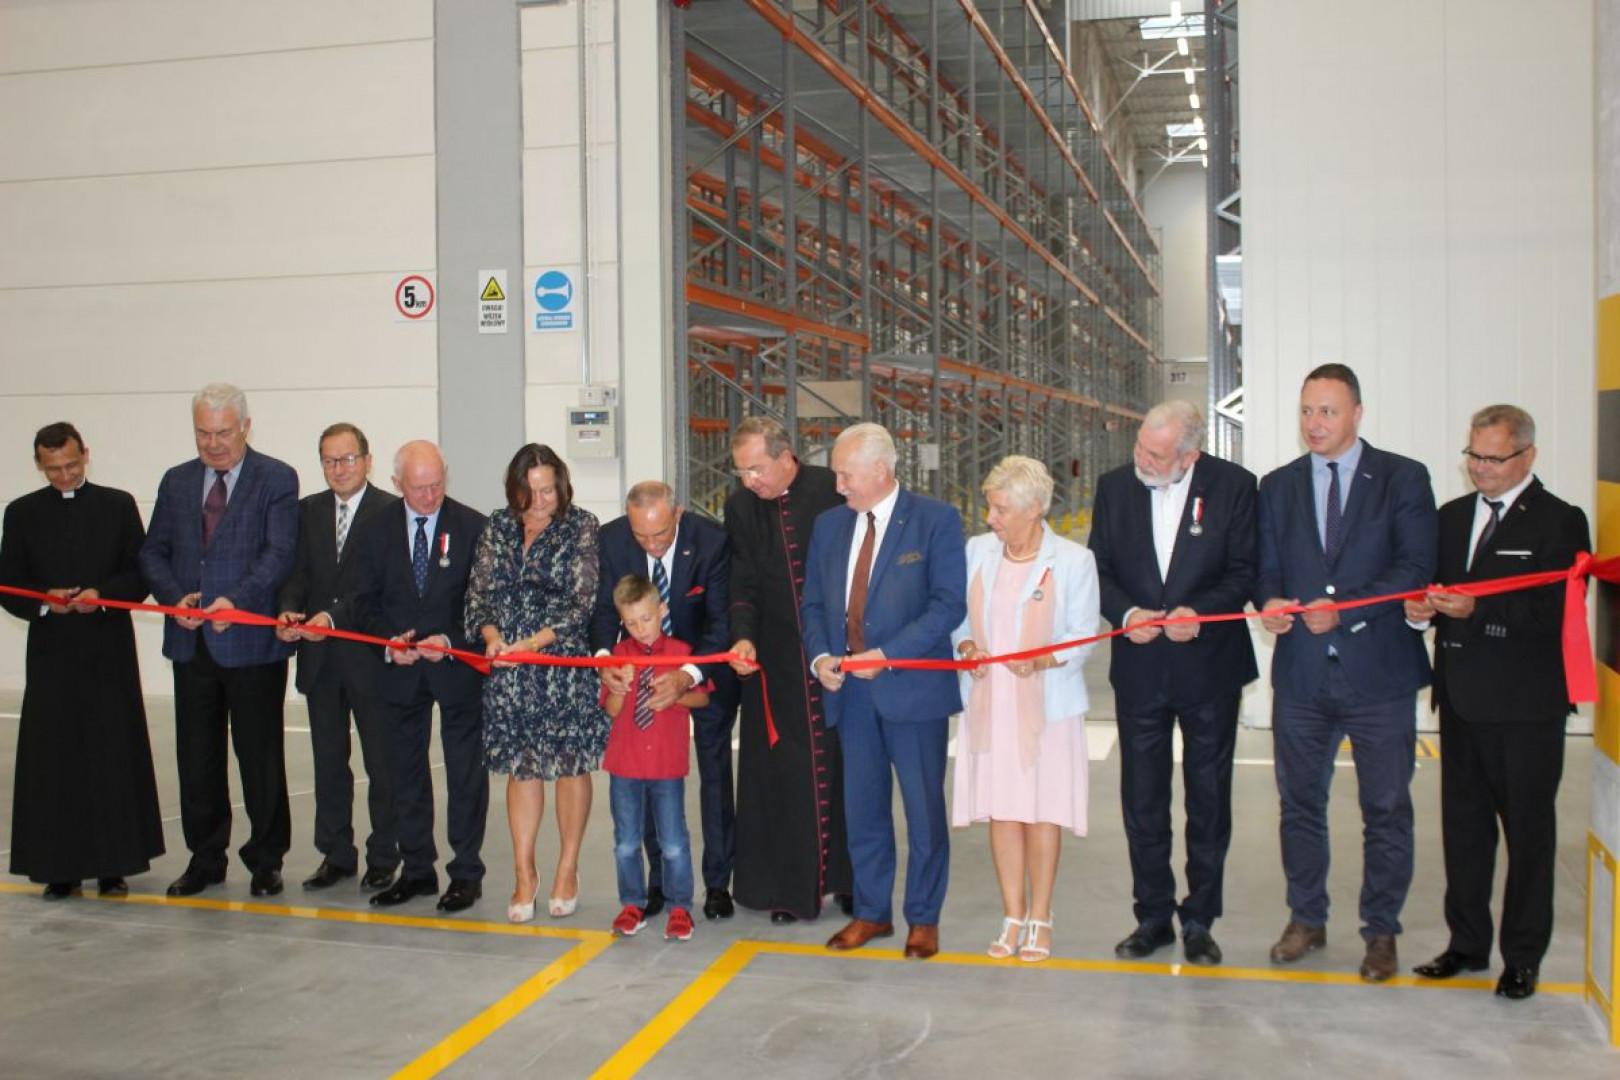 Uroczyste przecięcie wstęgi podczas otwarcia nowej części Centrum Logistycznego Logistic firmy Szynaka Meble. Fot. Mariusz Golak